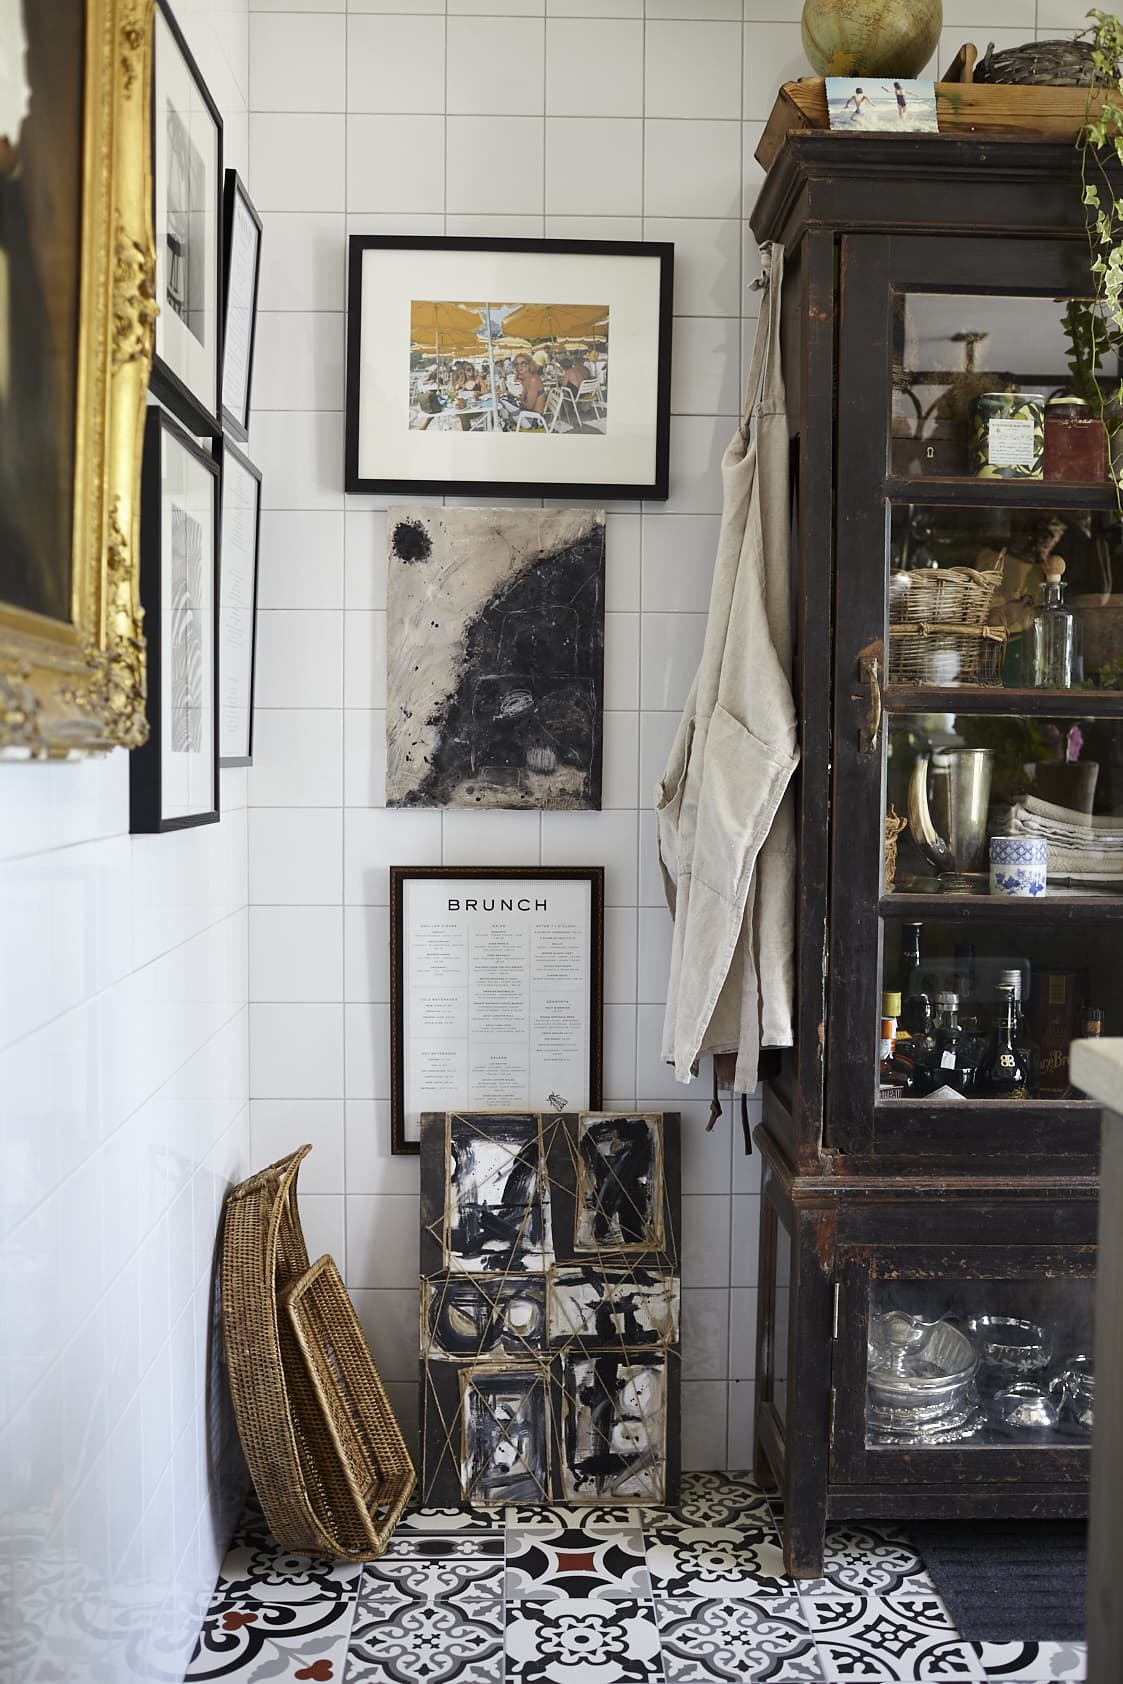 I en kökets ena hörn har Anna ramat in några krogmenyer som hon mixar med fotografier och ett porträtt i en praktfull guldram. Det svarta skåpet kommer från Holland.